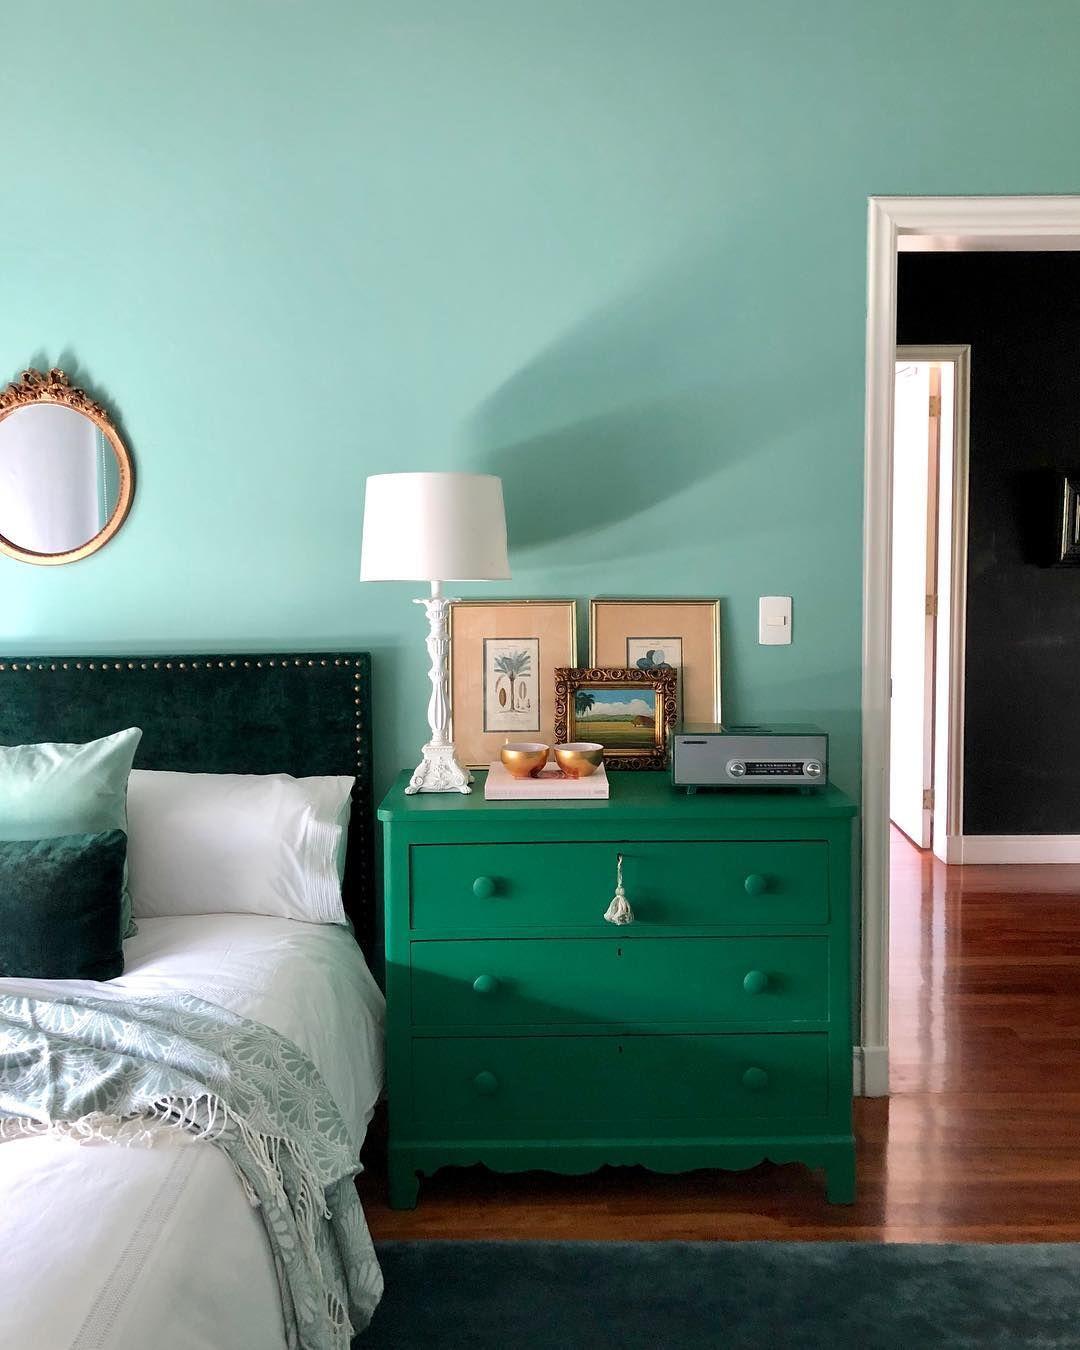 Entre Tonos De Verde Dormitorio Verde Menta Decoracion De Habitacion Tumblr Diseno Interior De Dormitorio